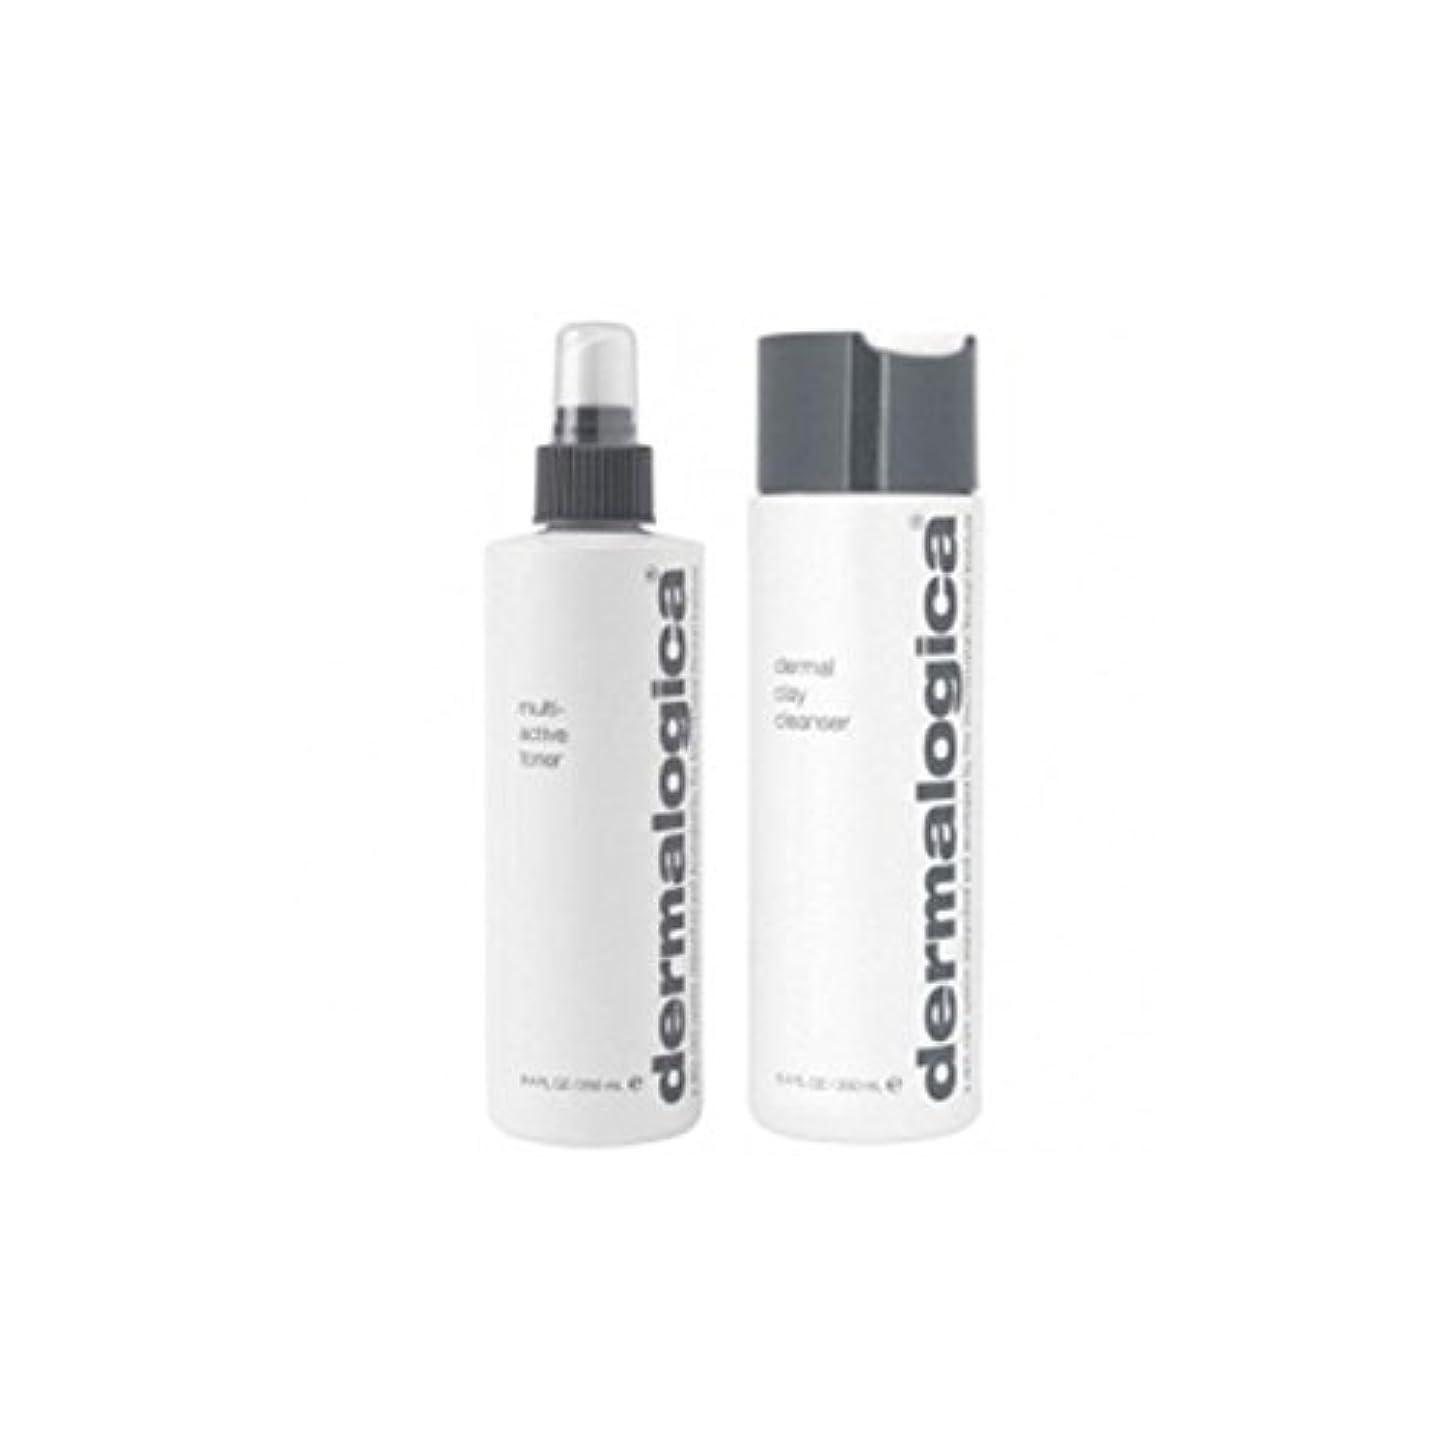 高齢者幻想的主権者Dermalogica Cleanse & Tone Duo - Oily Skin (2 Products) (Pack of 6) - ダーマロジカクレンジング&トーンデュオ - 脂性肌(2製品) x6 [並行輸入品]